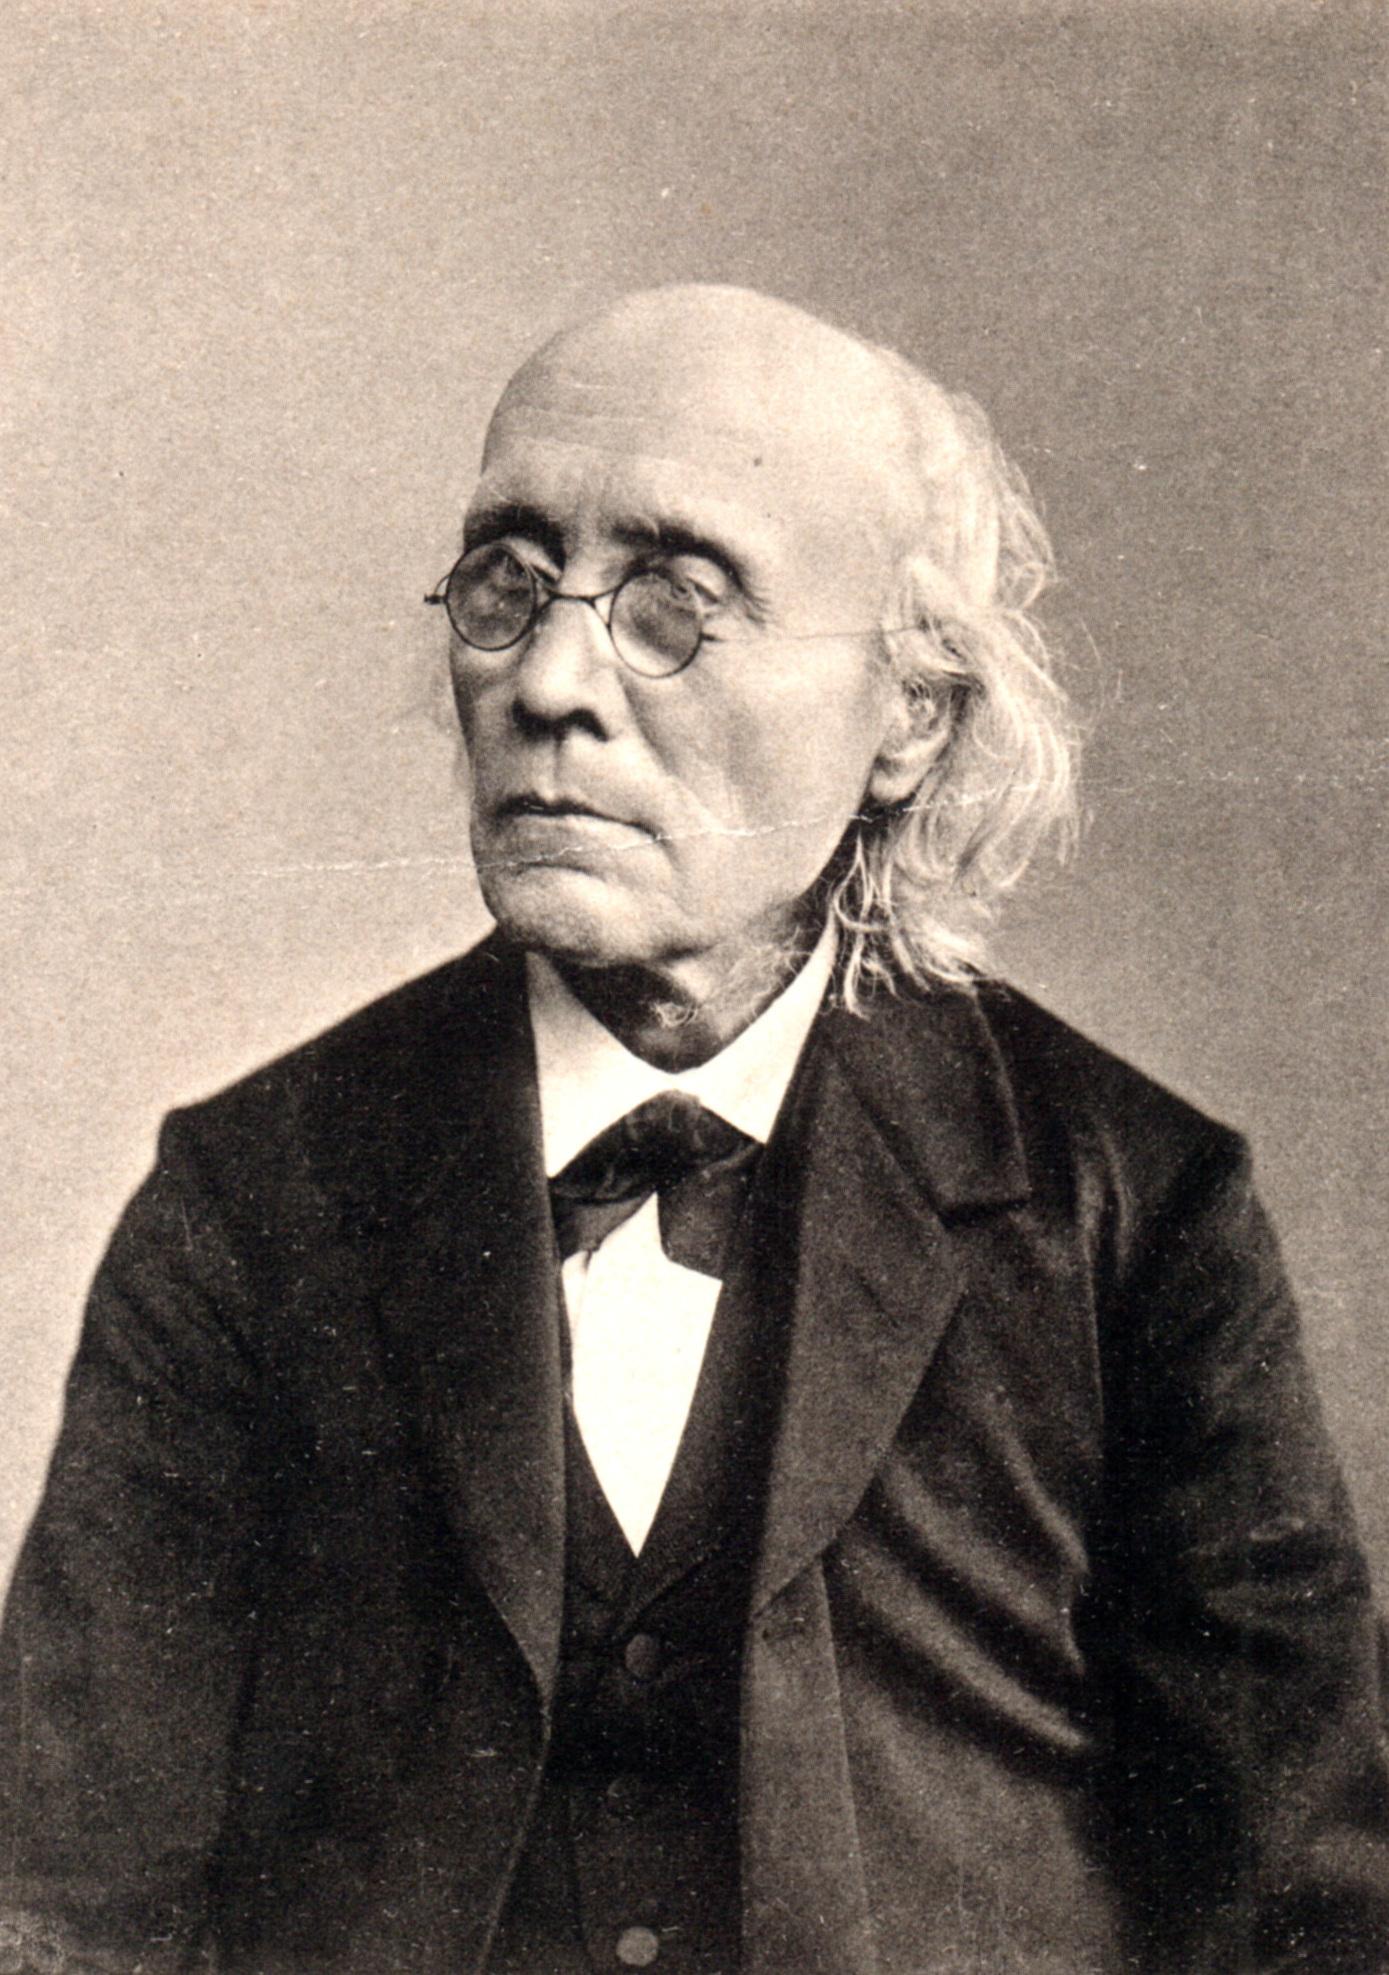 Gustav_Fechner.jpg